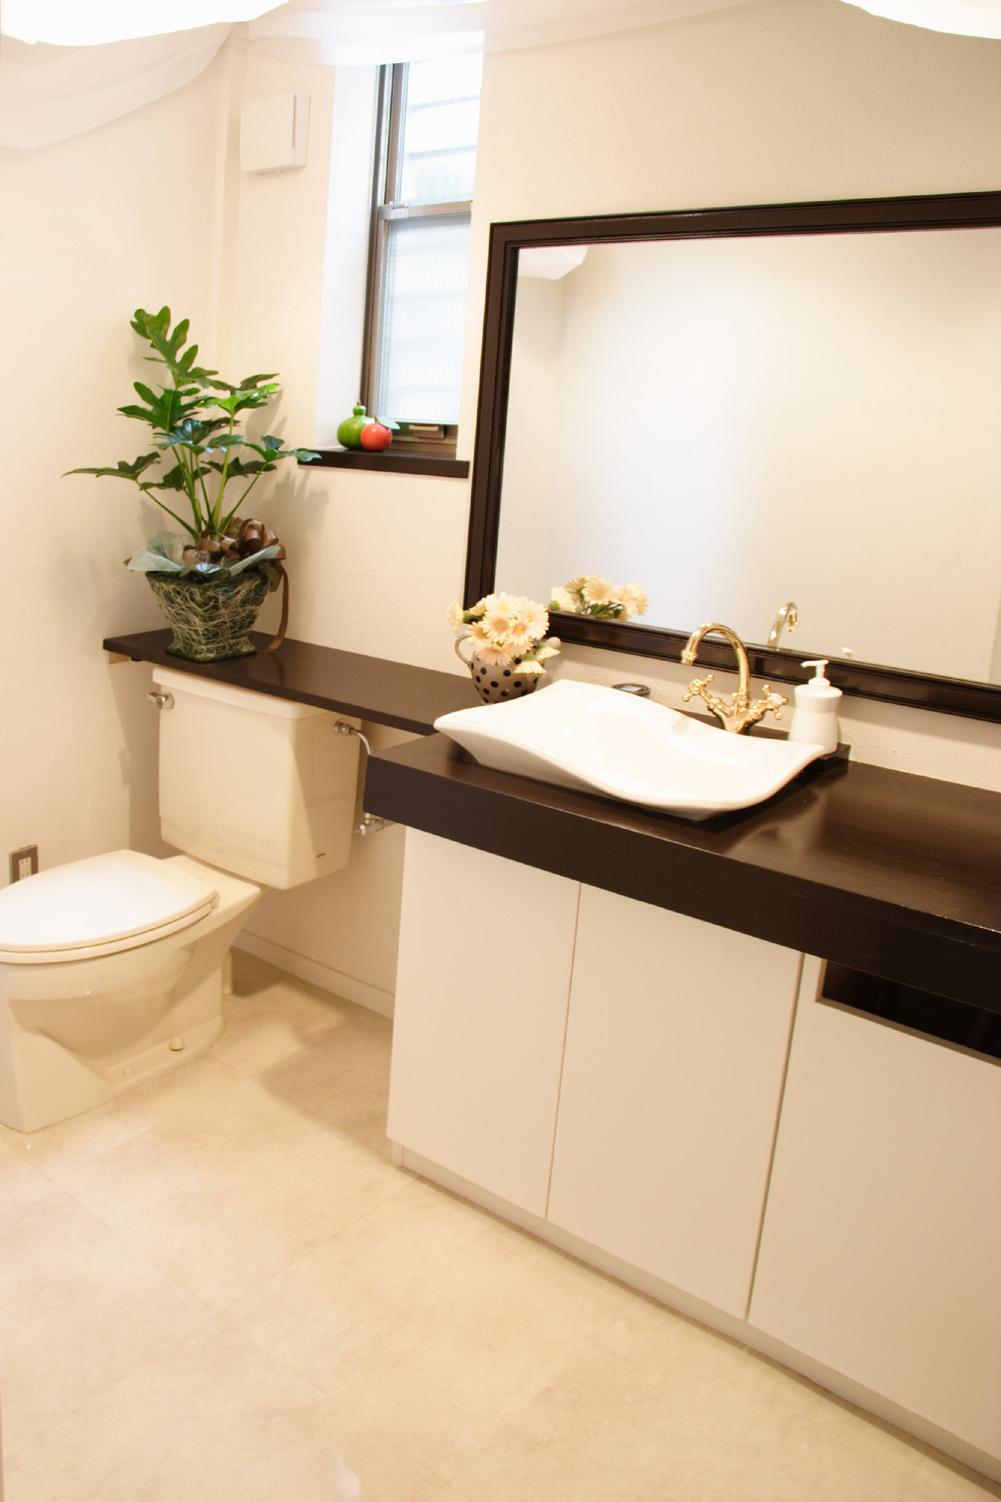 トイレもキレイに出来ました_e0013089_17494083.jpg